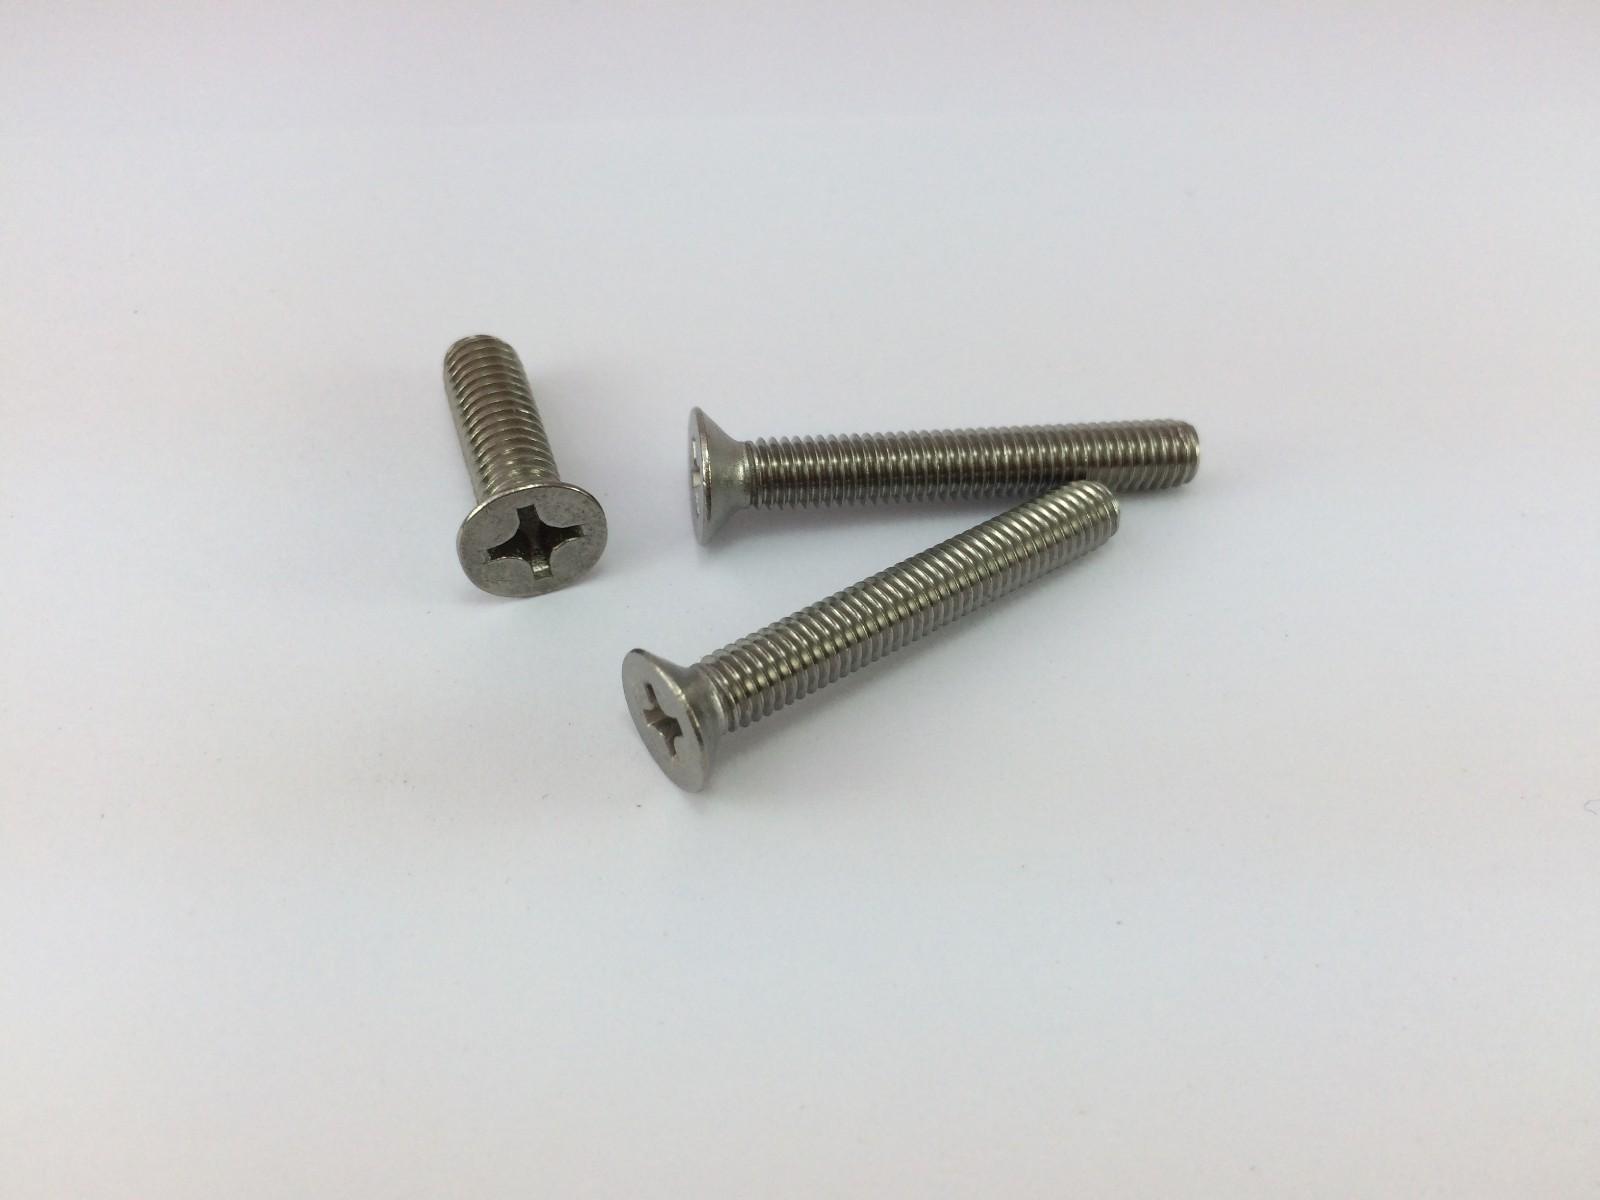 304不銹鋼 GB819沉頭十字槽機械螺絲 DIN965沉頭十字槽機械螺釘